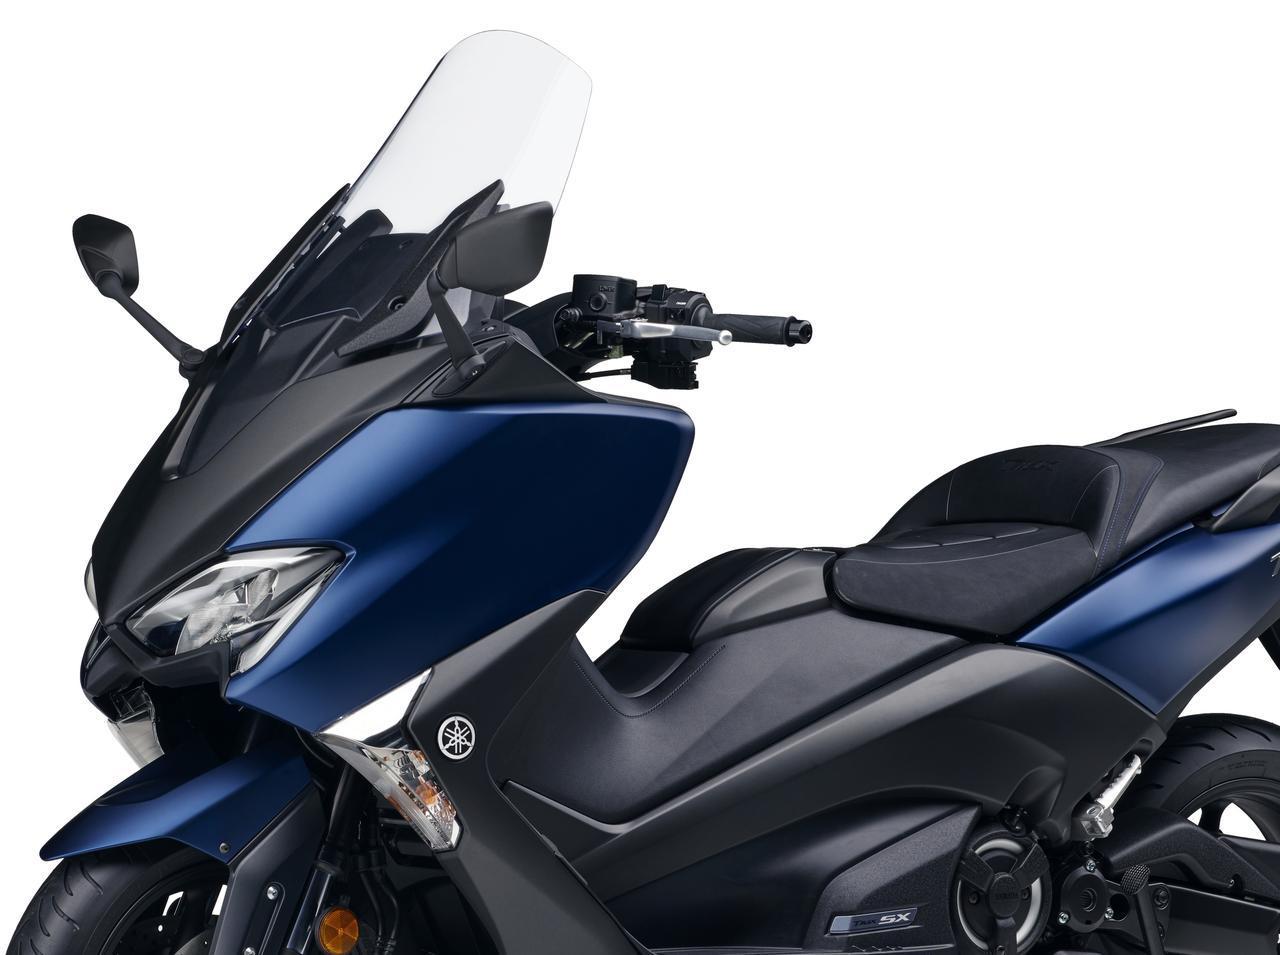 画像: ヤマハ「TMAX530」シリーズ 2019年モデル情報- webオートバイ